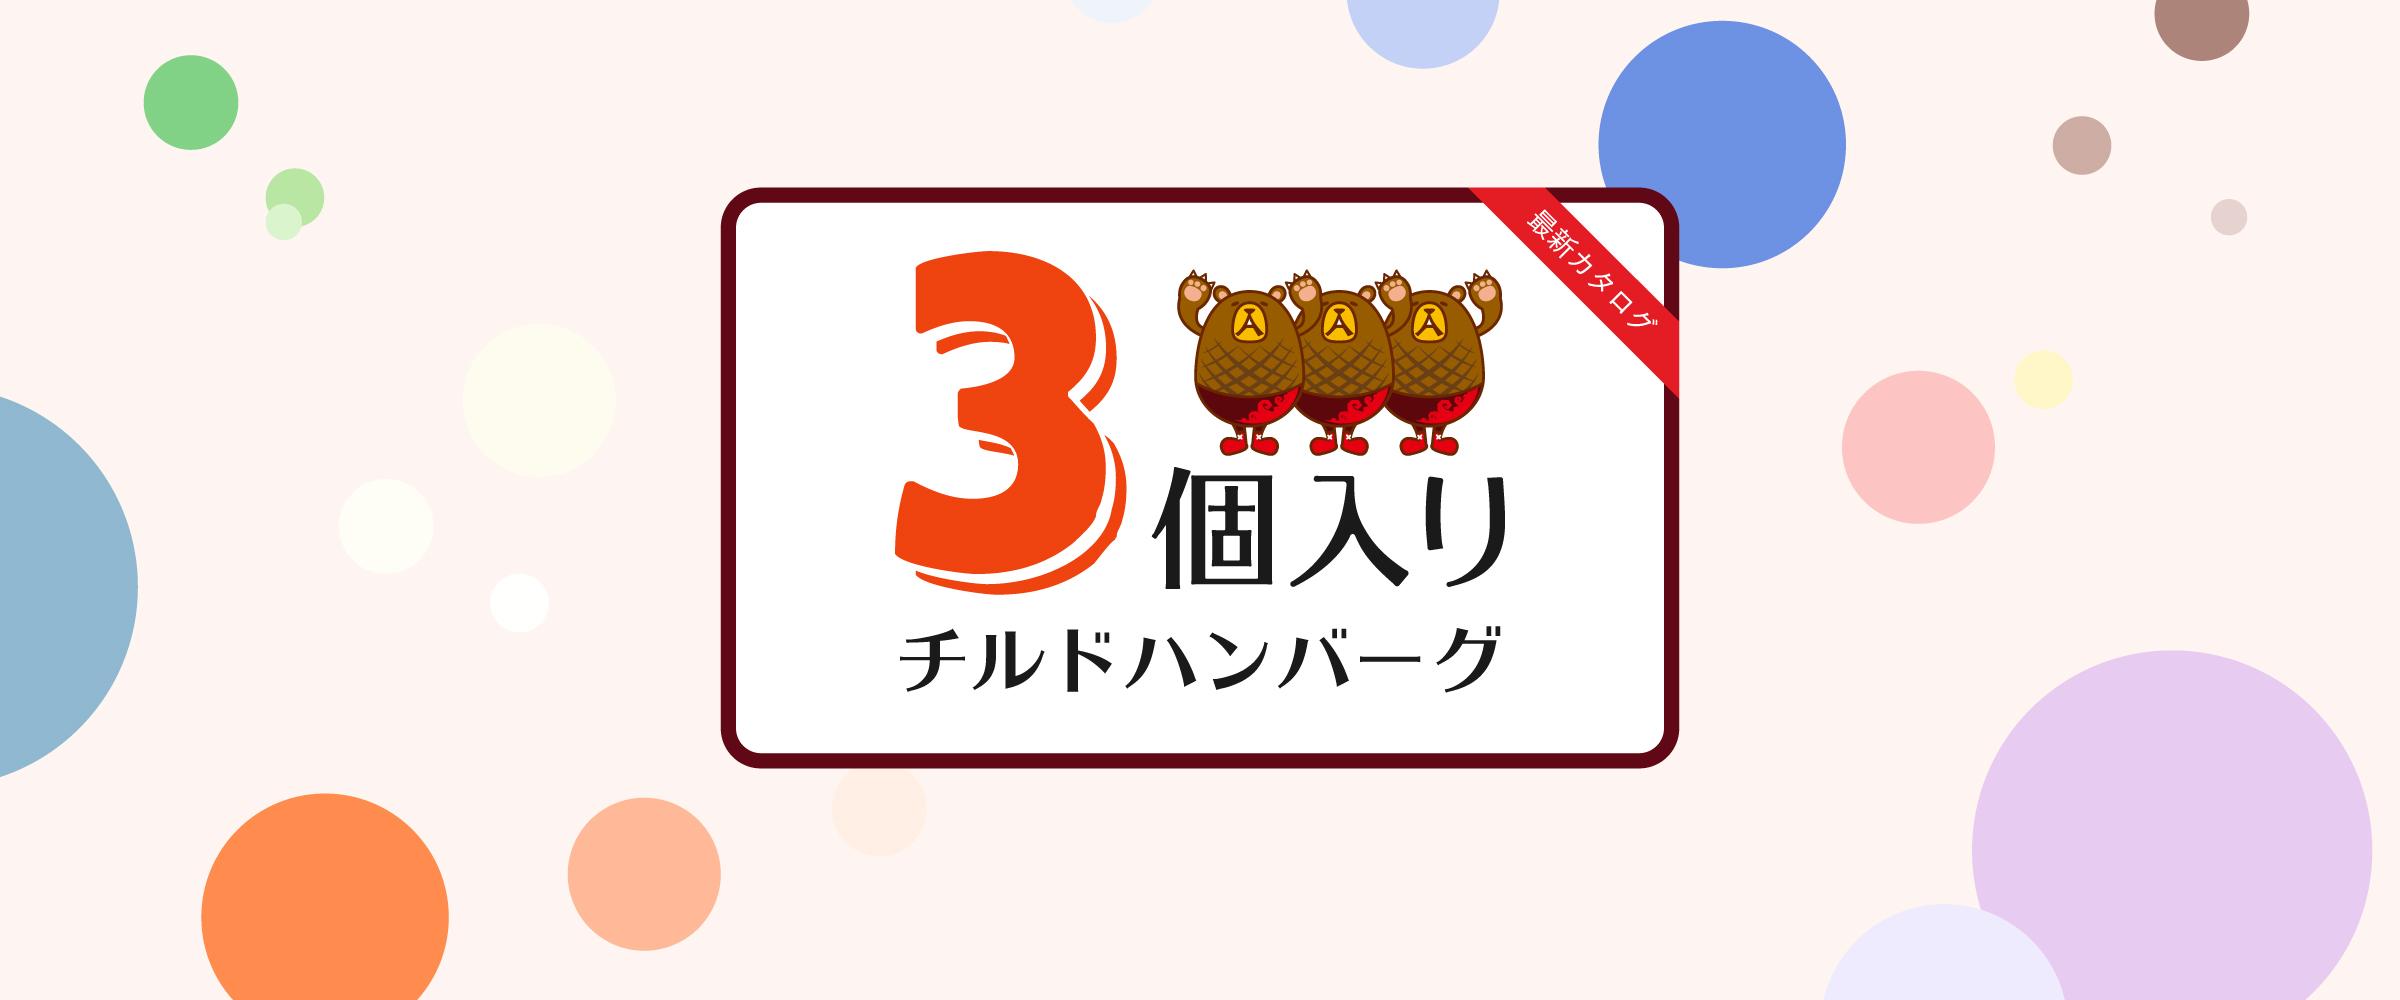 3個入りチルドハンバーグ最新カタログ